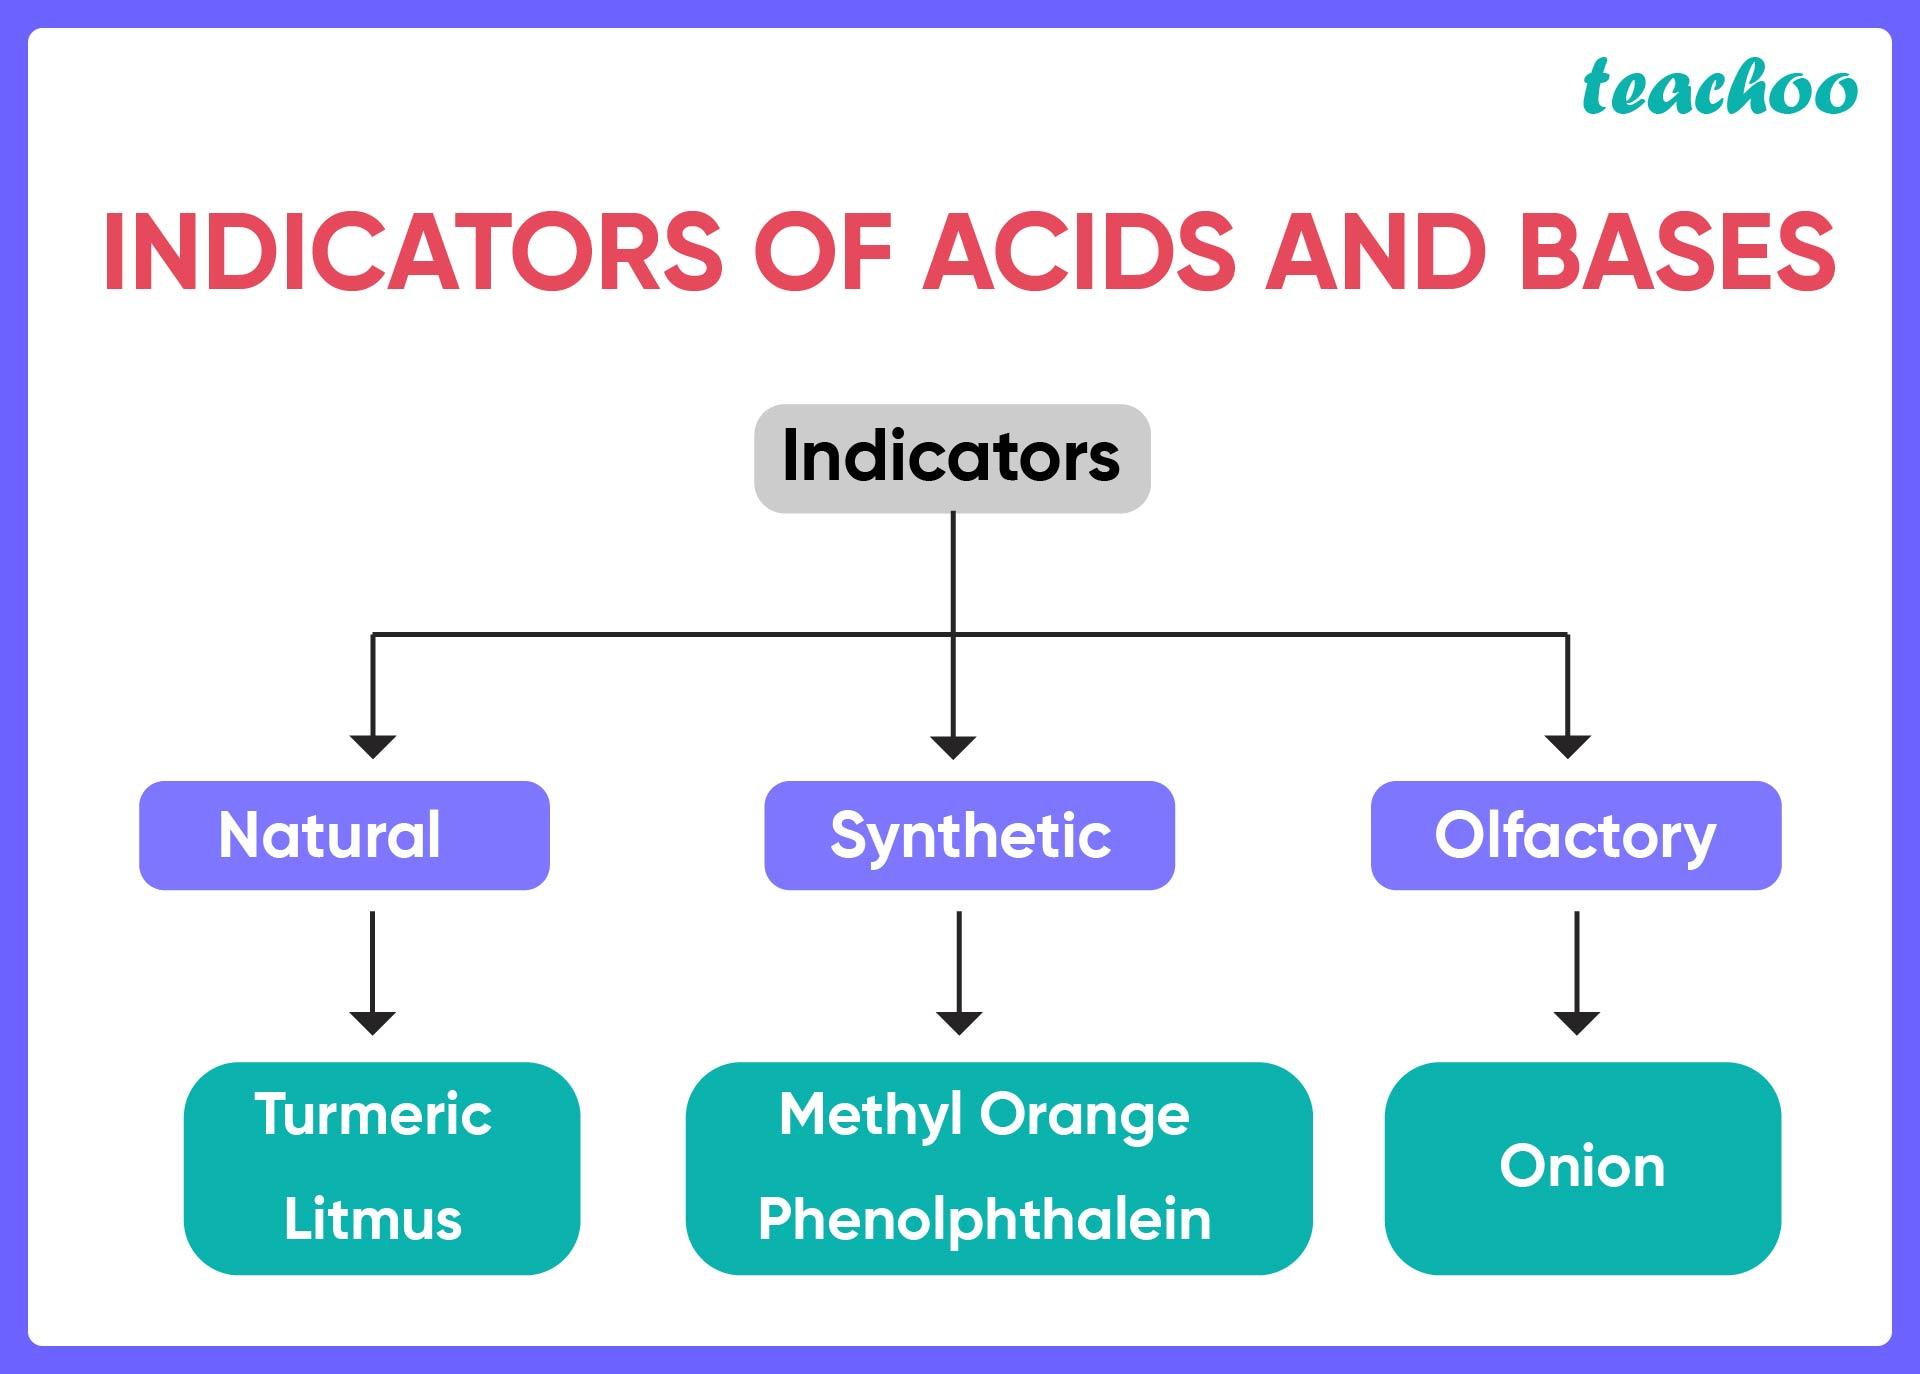 Indicators of acids and bases-Teachoo.jpg